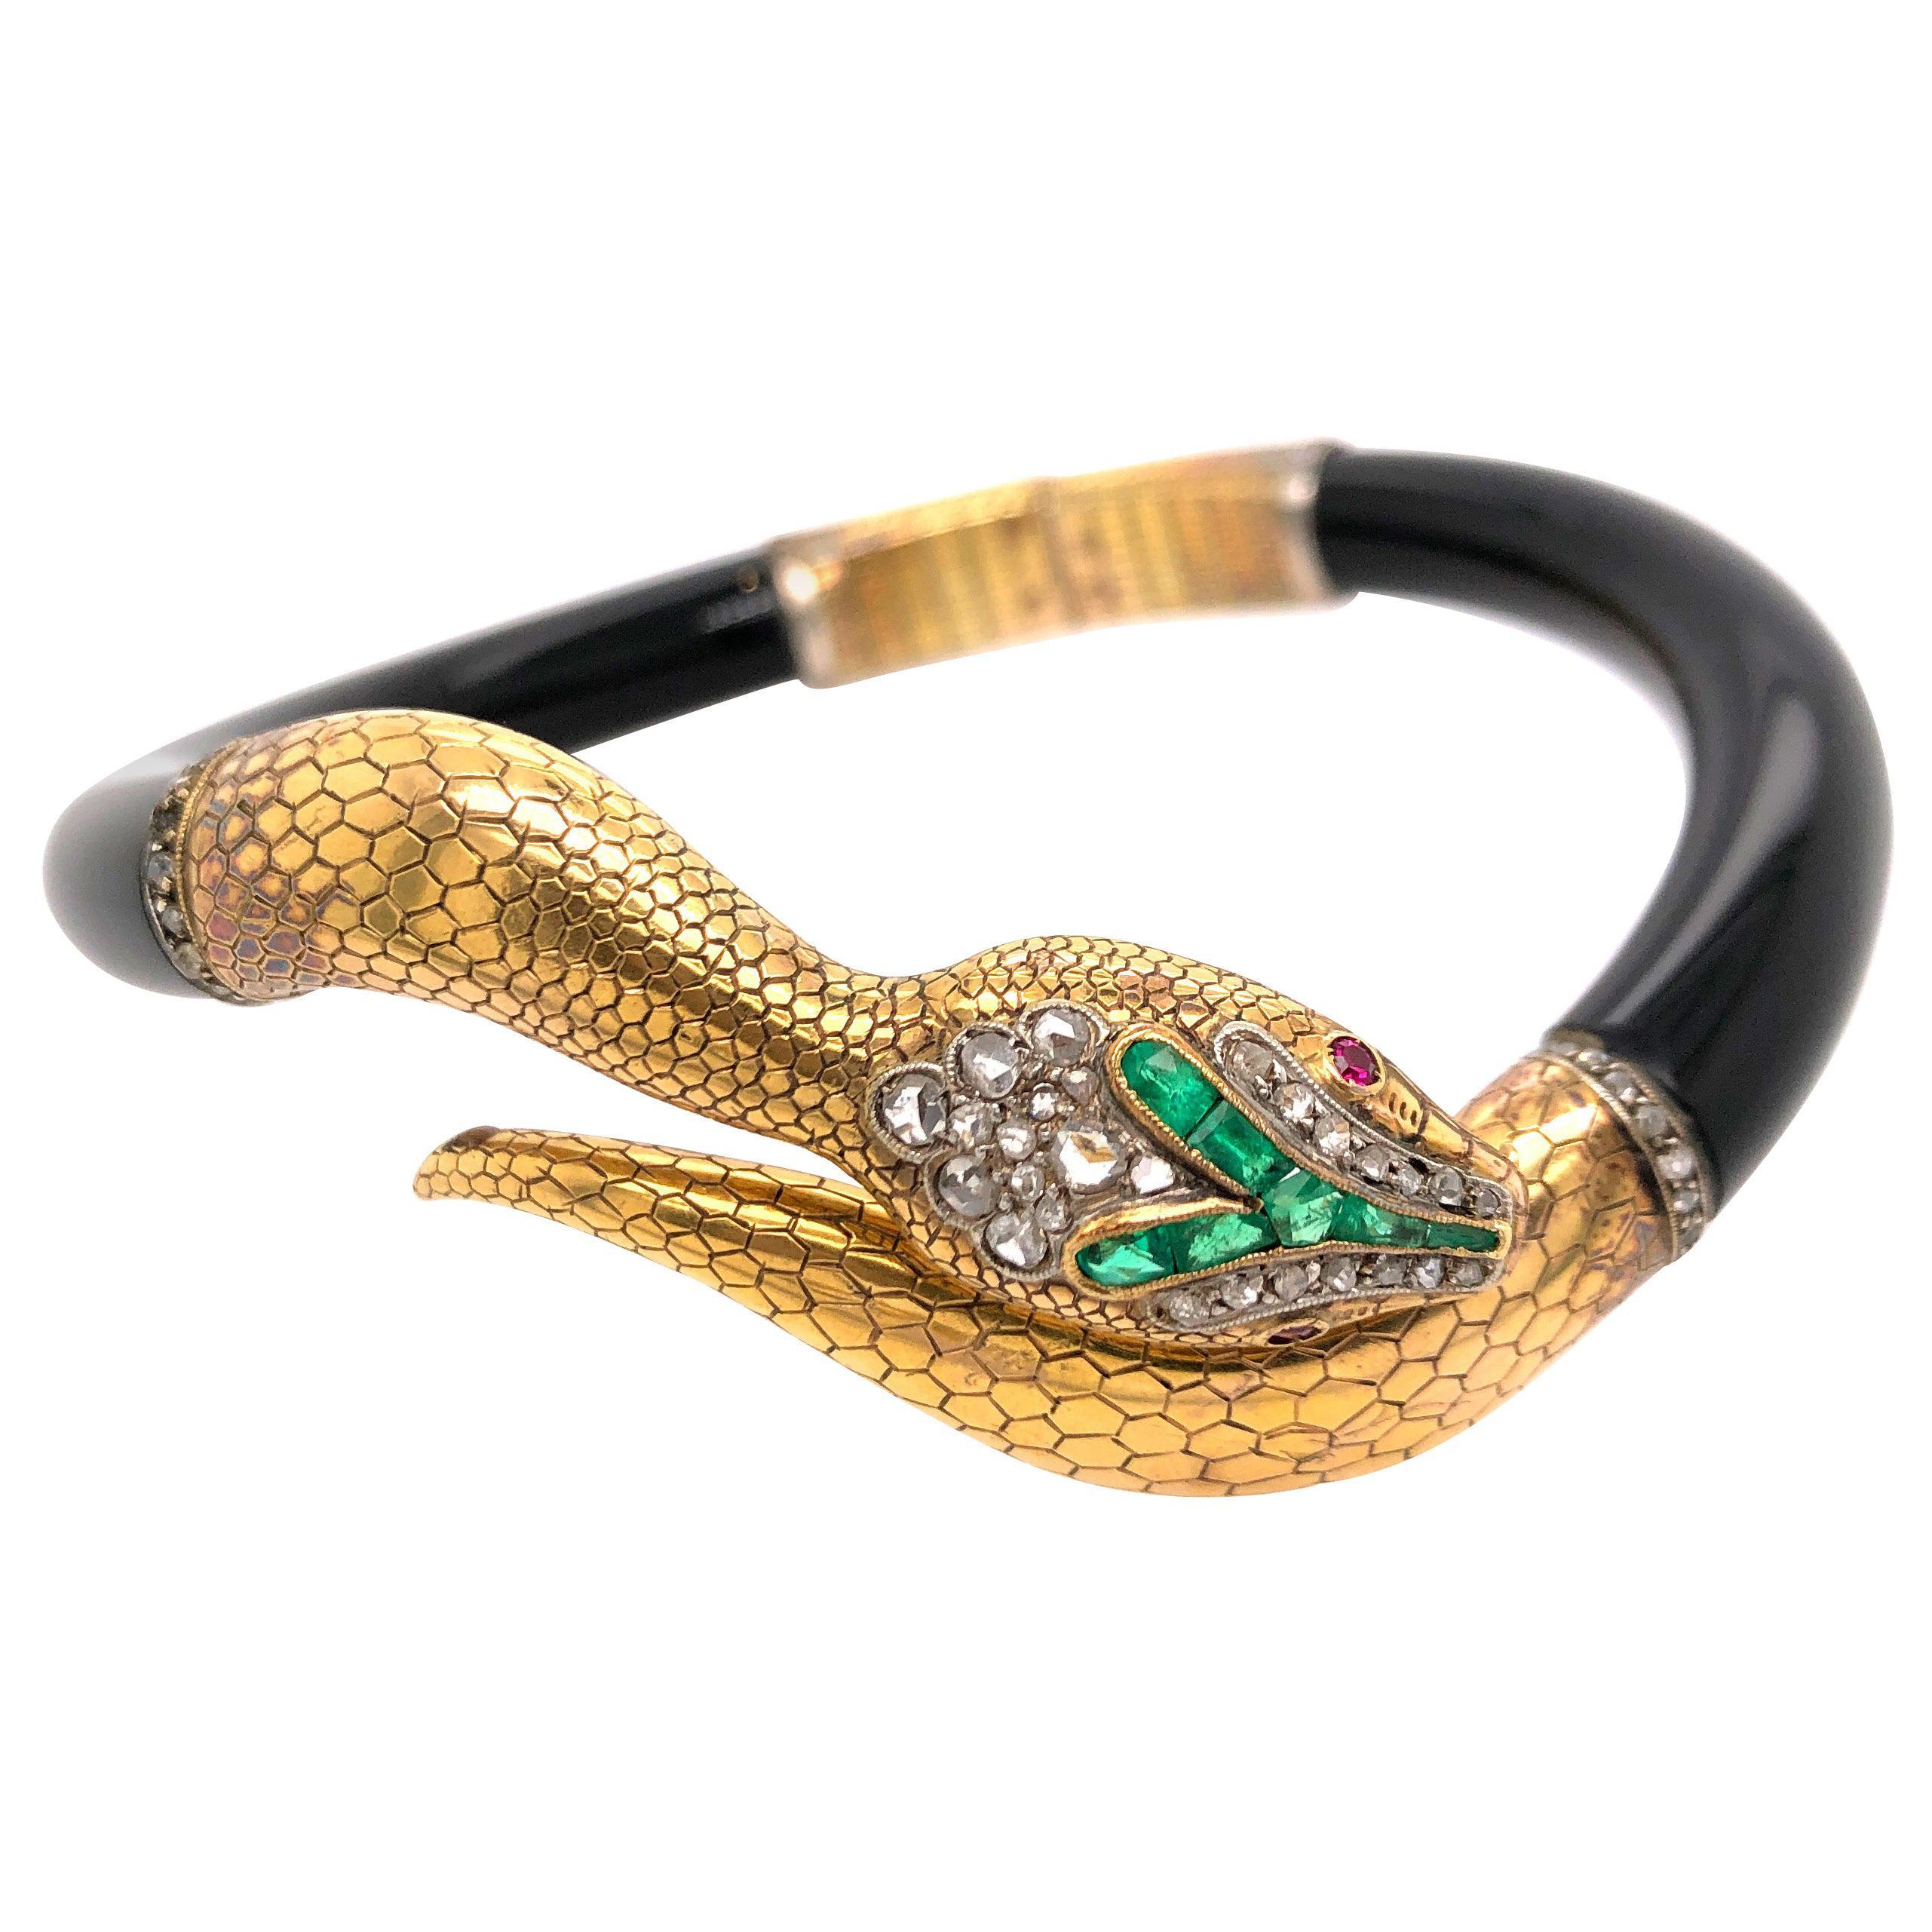 Vintage Emerald Diamond and Ruby Black Snake Bangle Bracelet